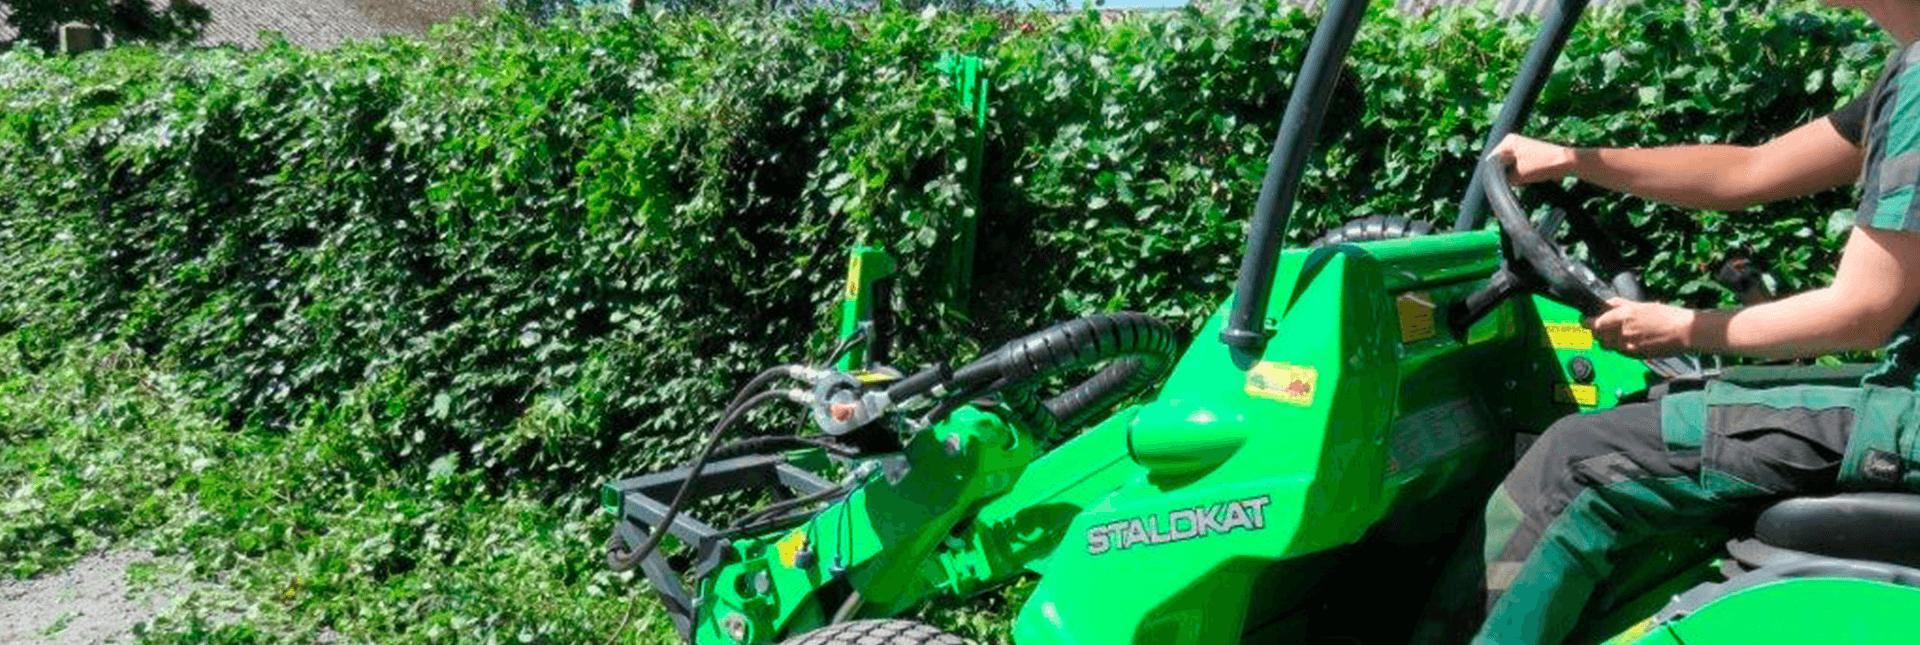 Arbejdsbillede af hækkeklipper monteret på en AVANT minilæsser